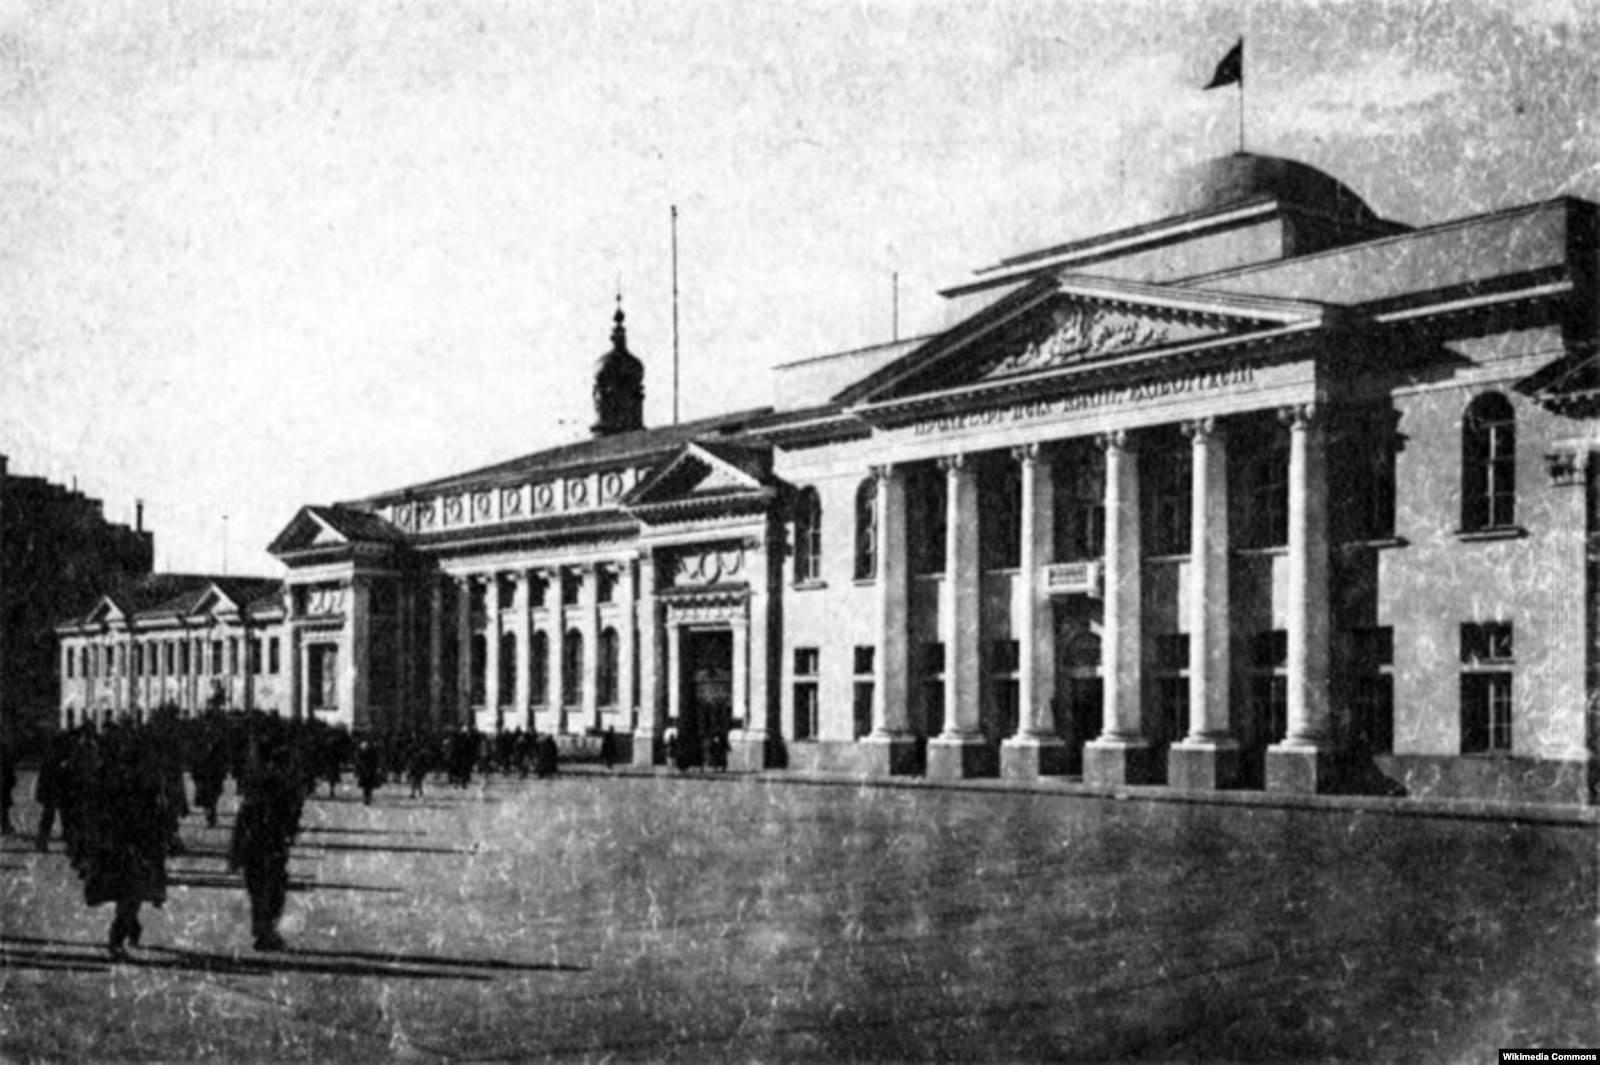 Здание ВУЦИК, Харьков. Источник: Wikipedia